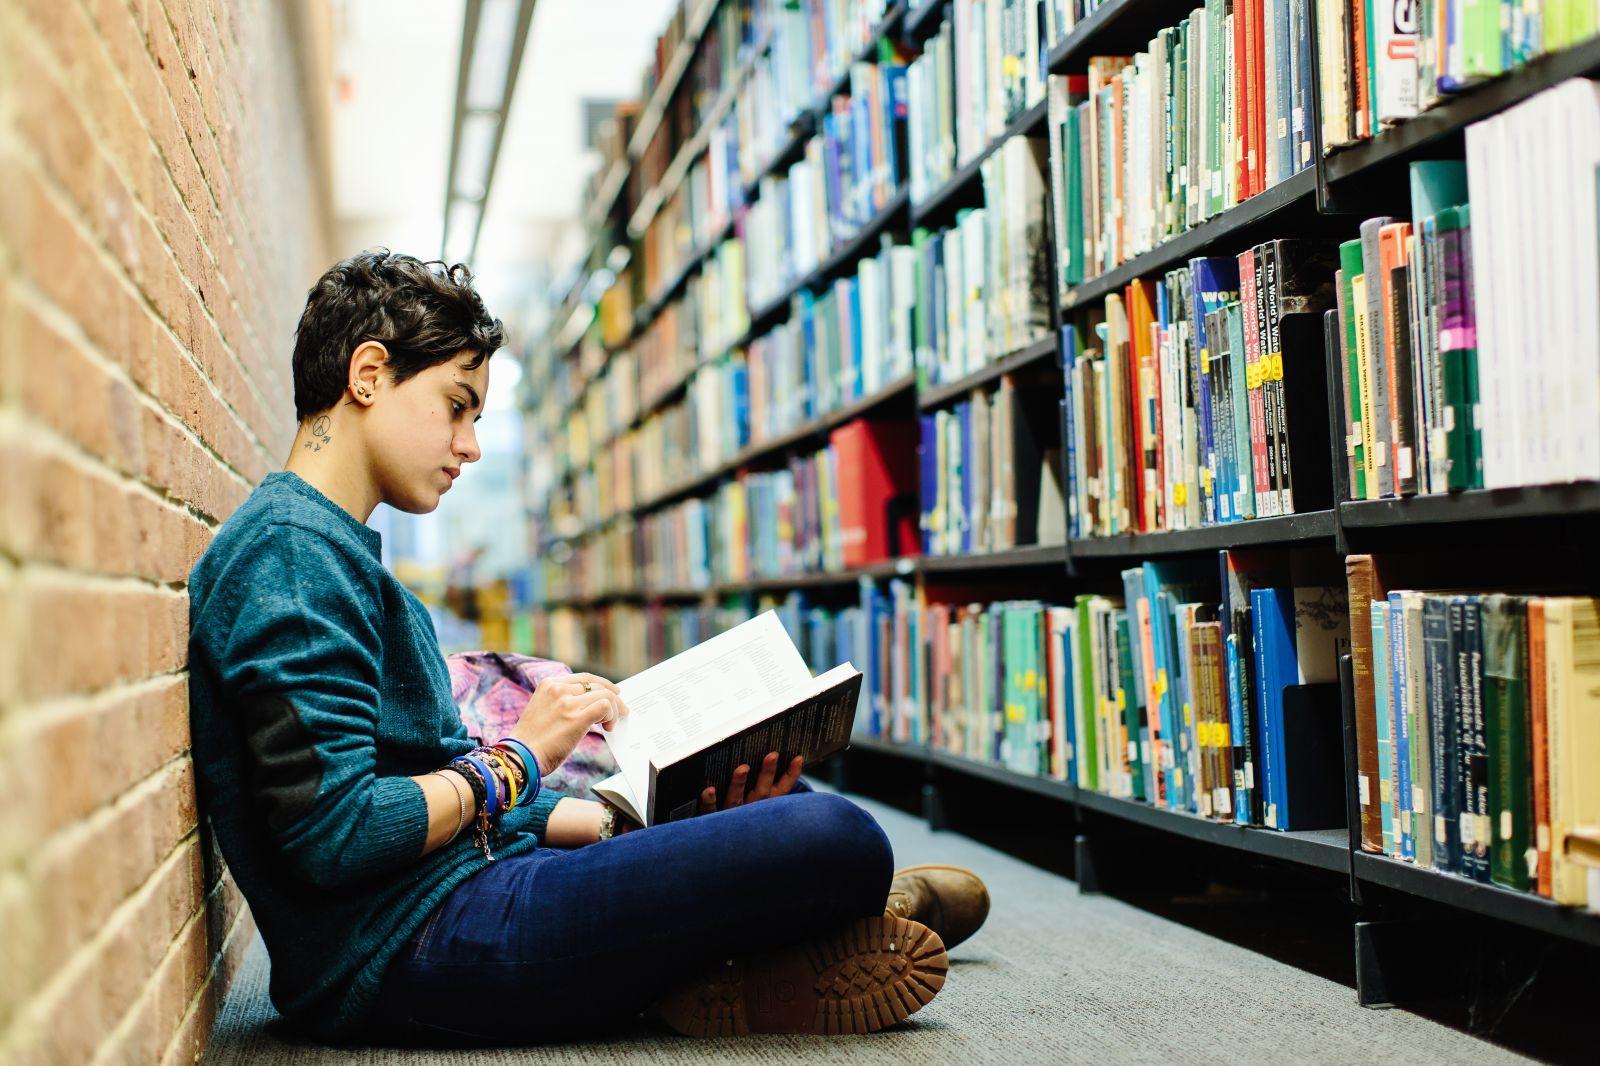 чтения книг